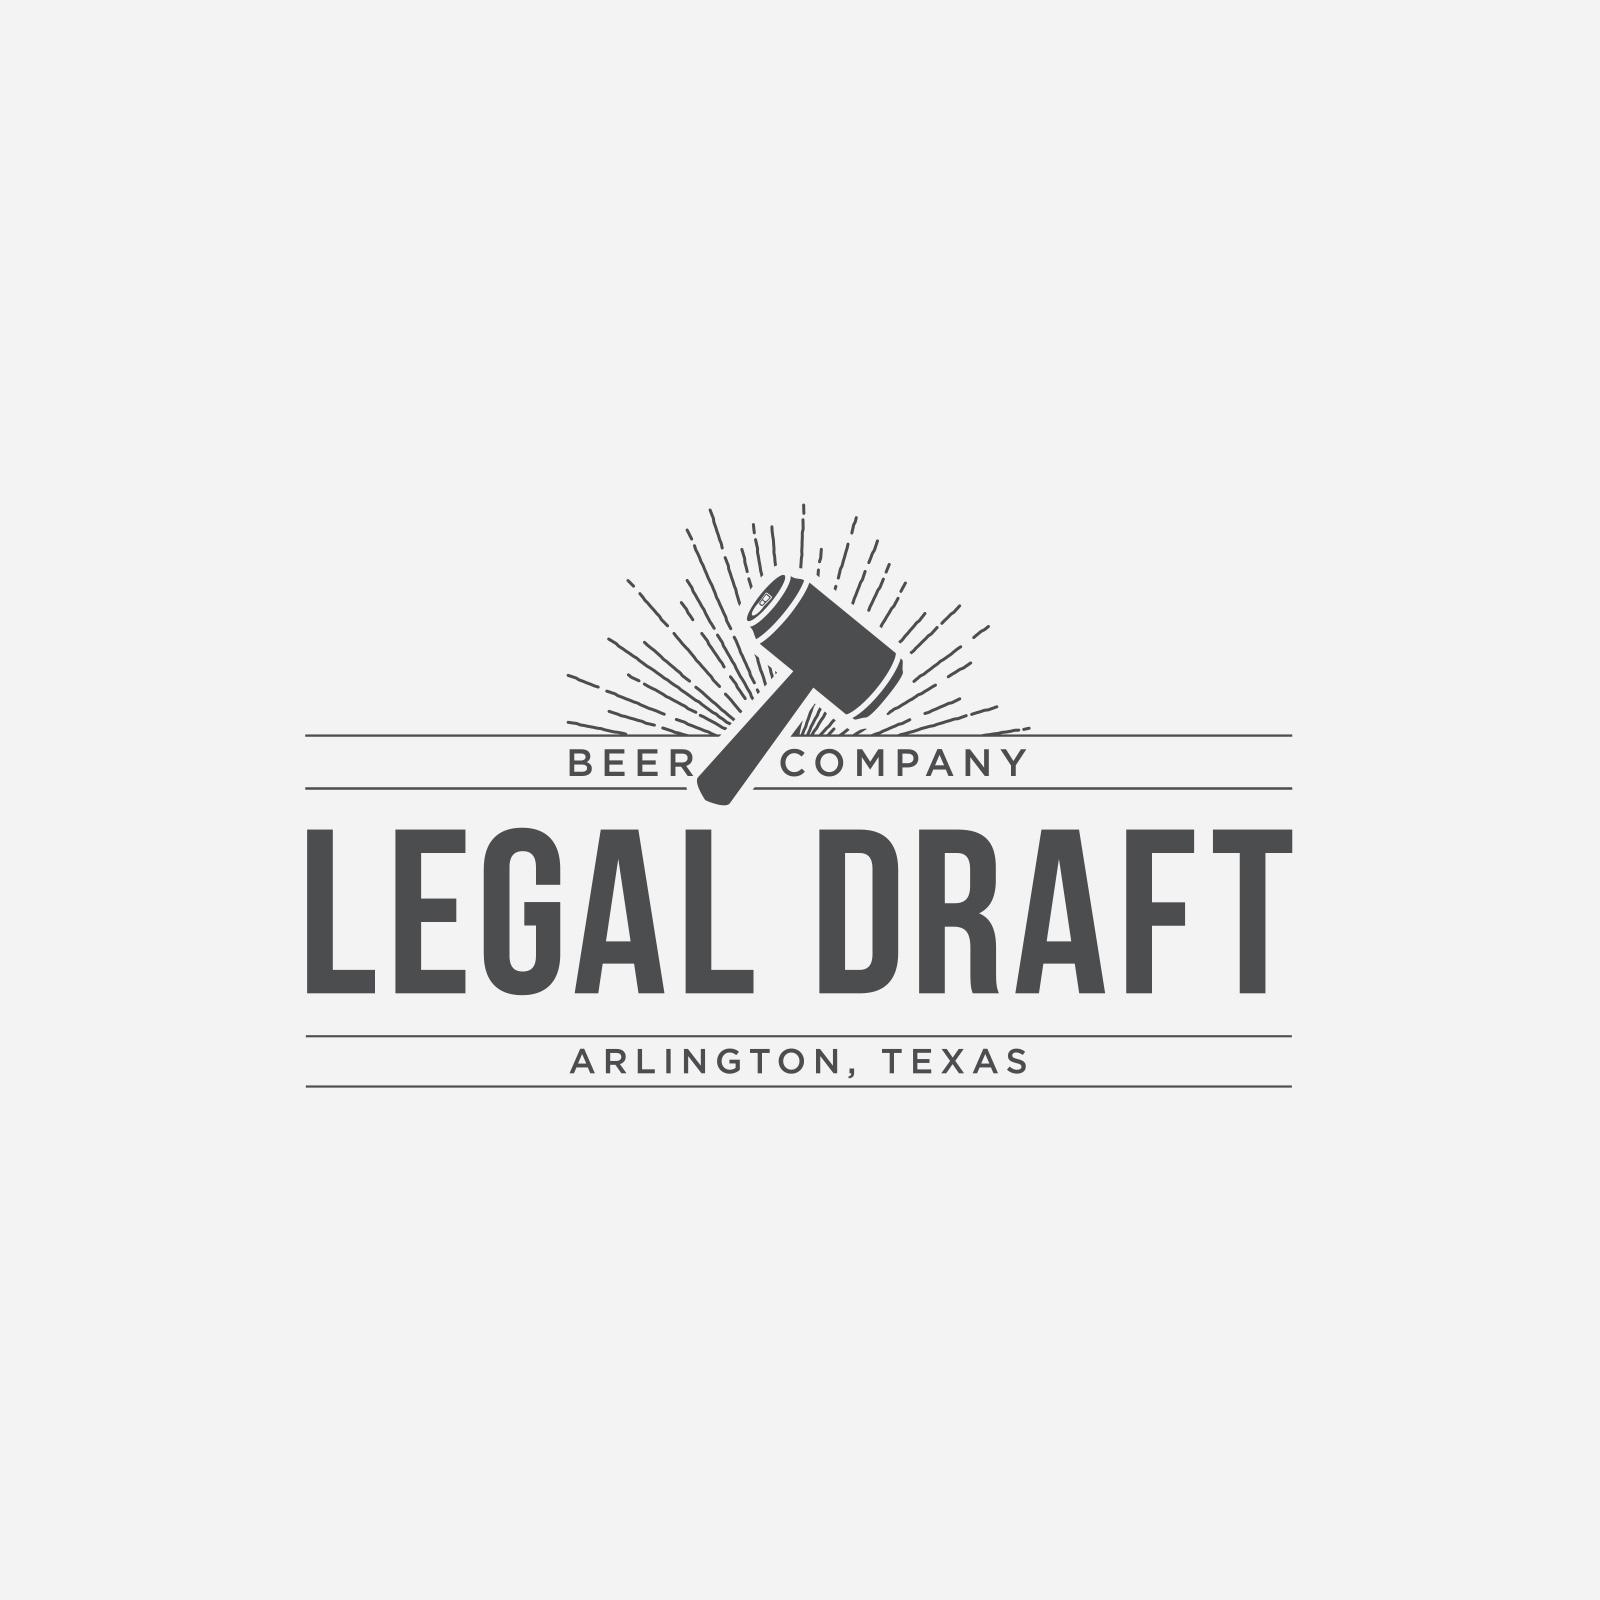 LegalDraft.jpg